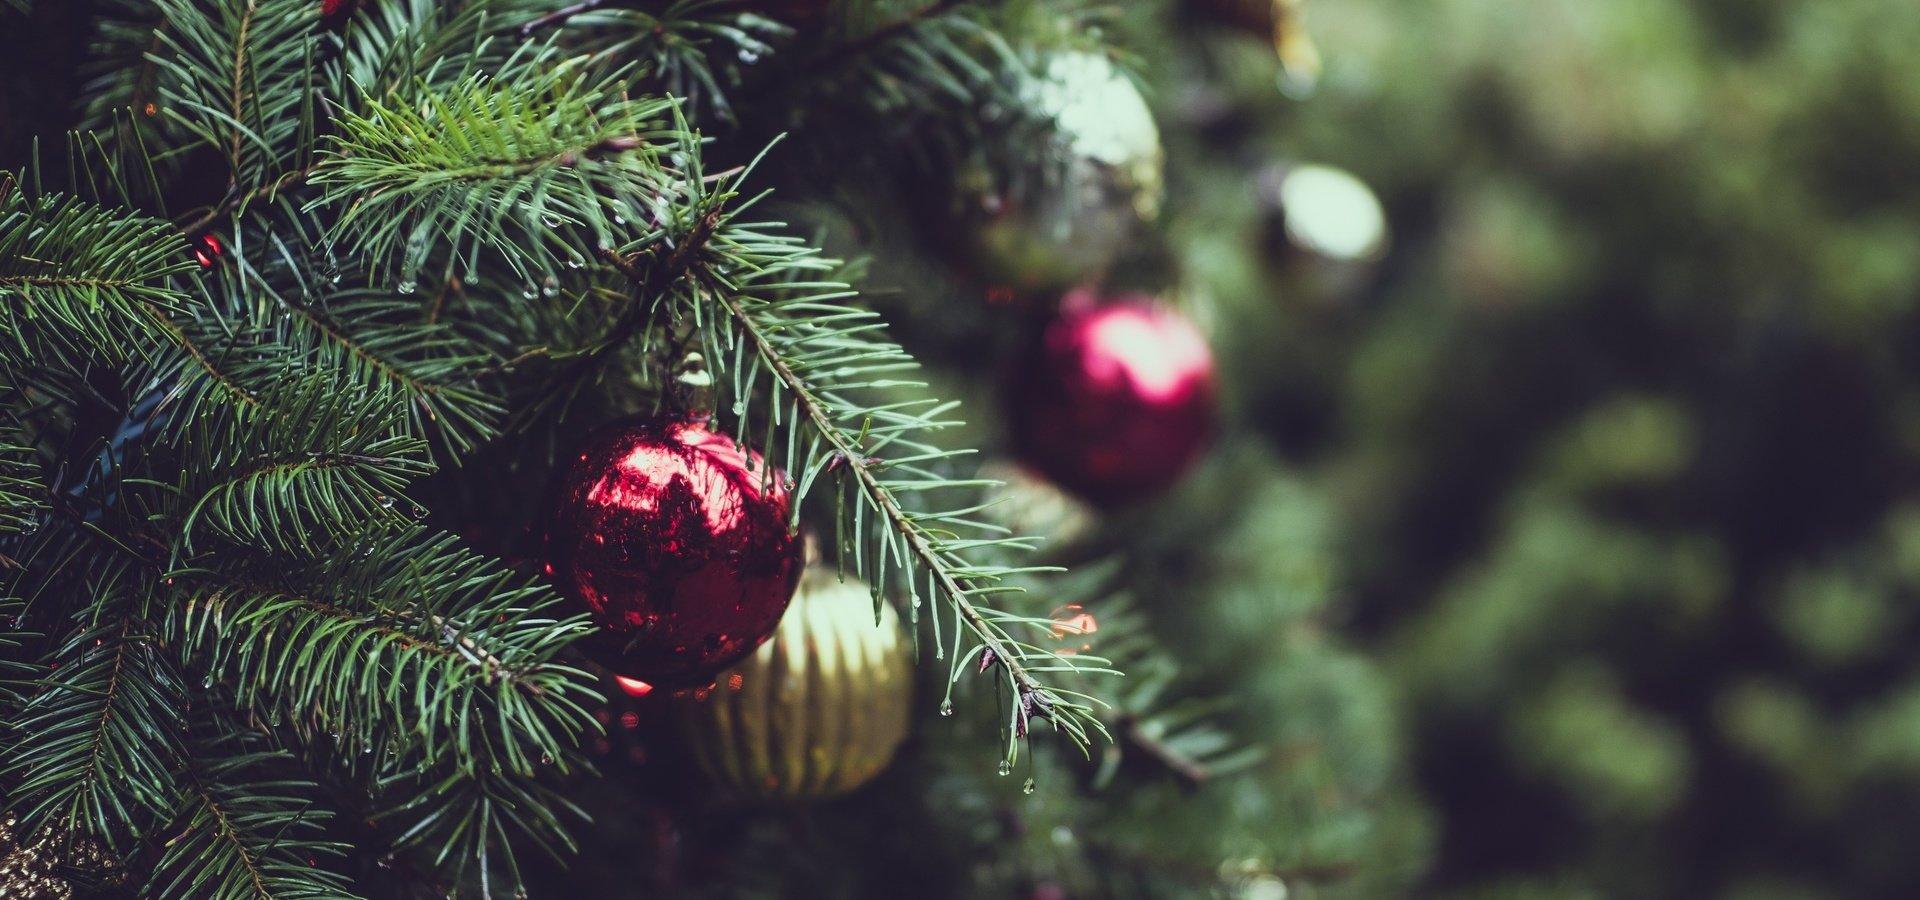 Czego słuchamy w trakcie świąt Bożego Narodzenia?